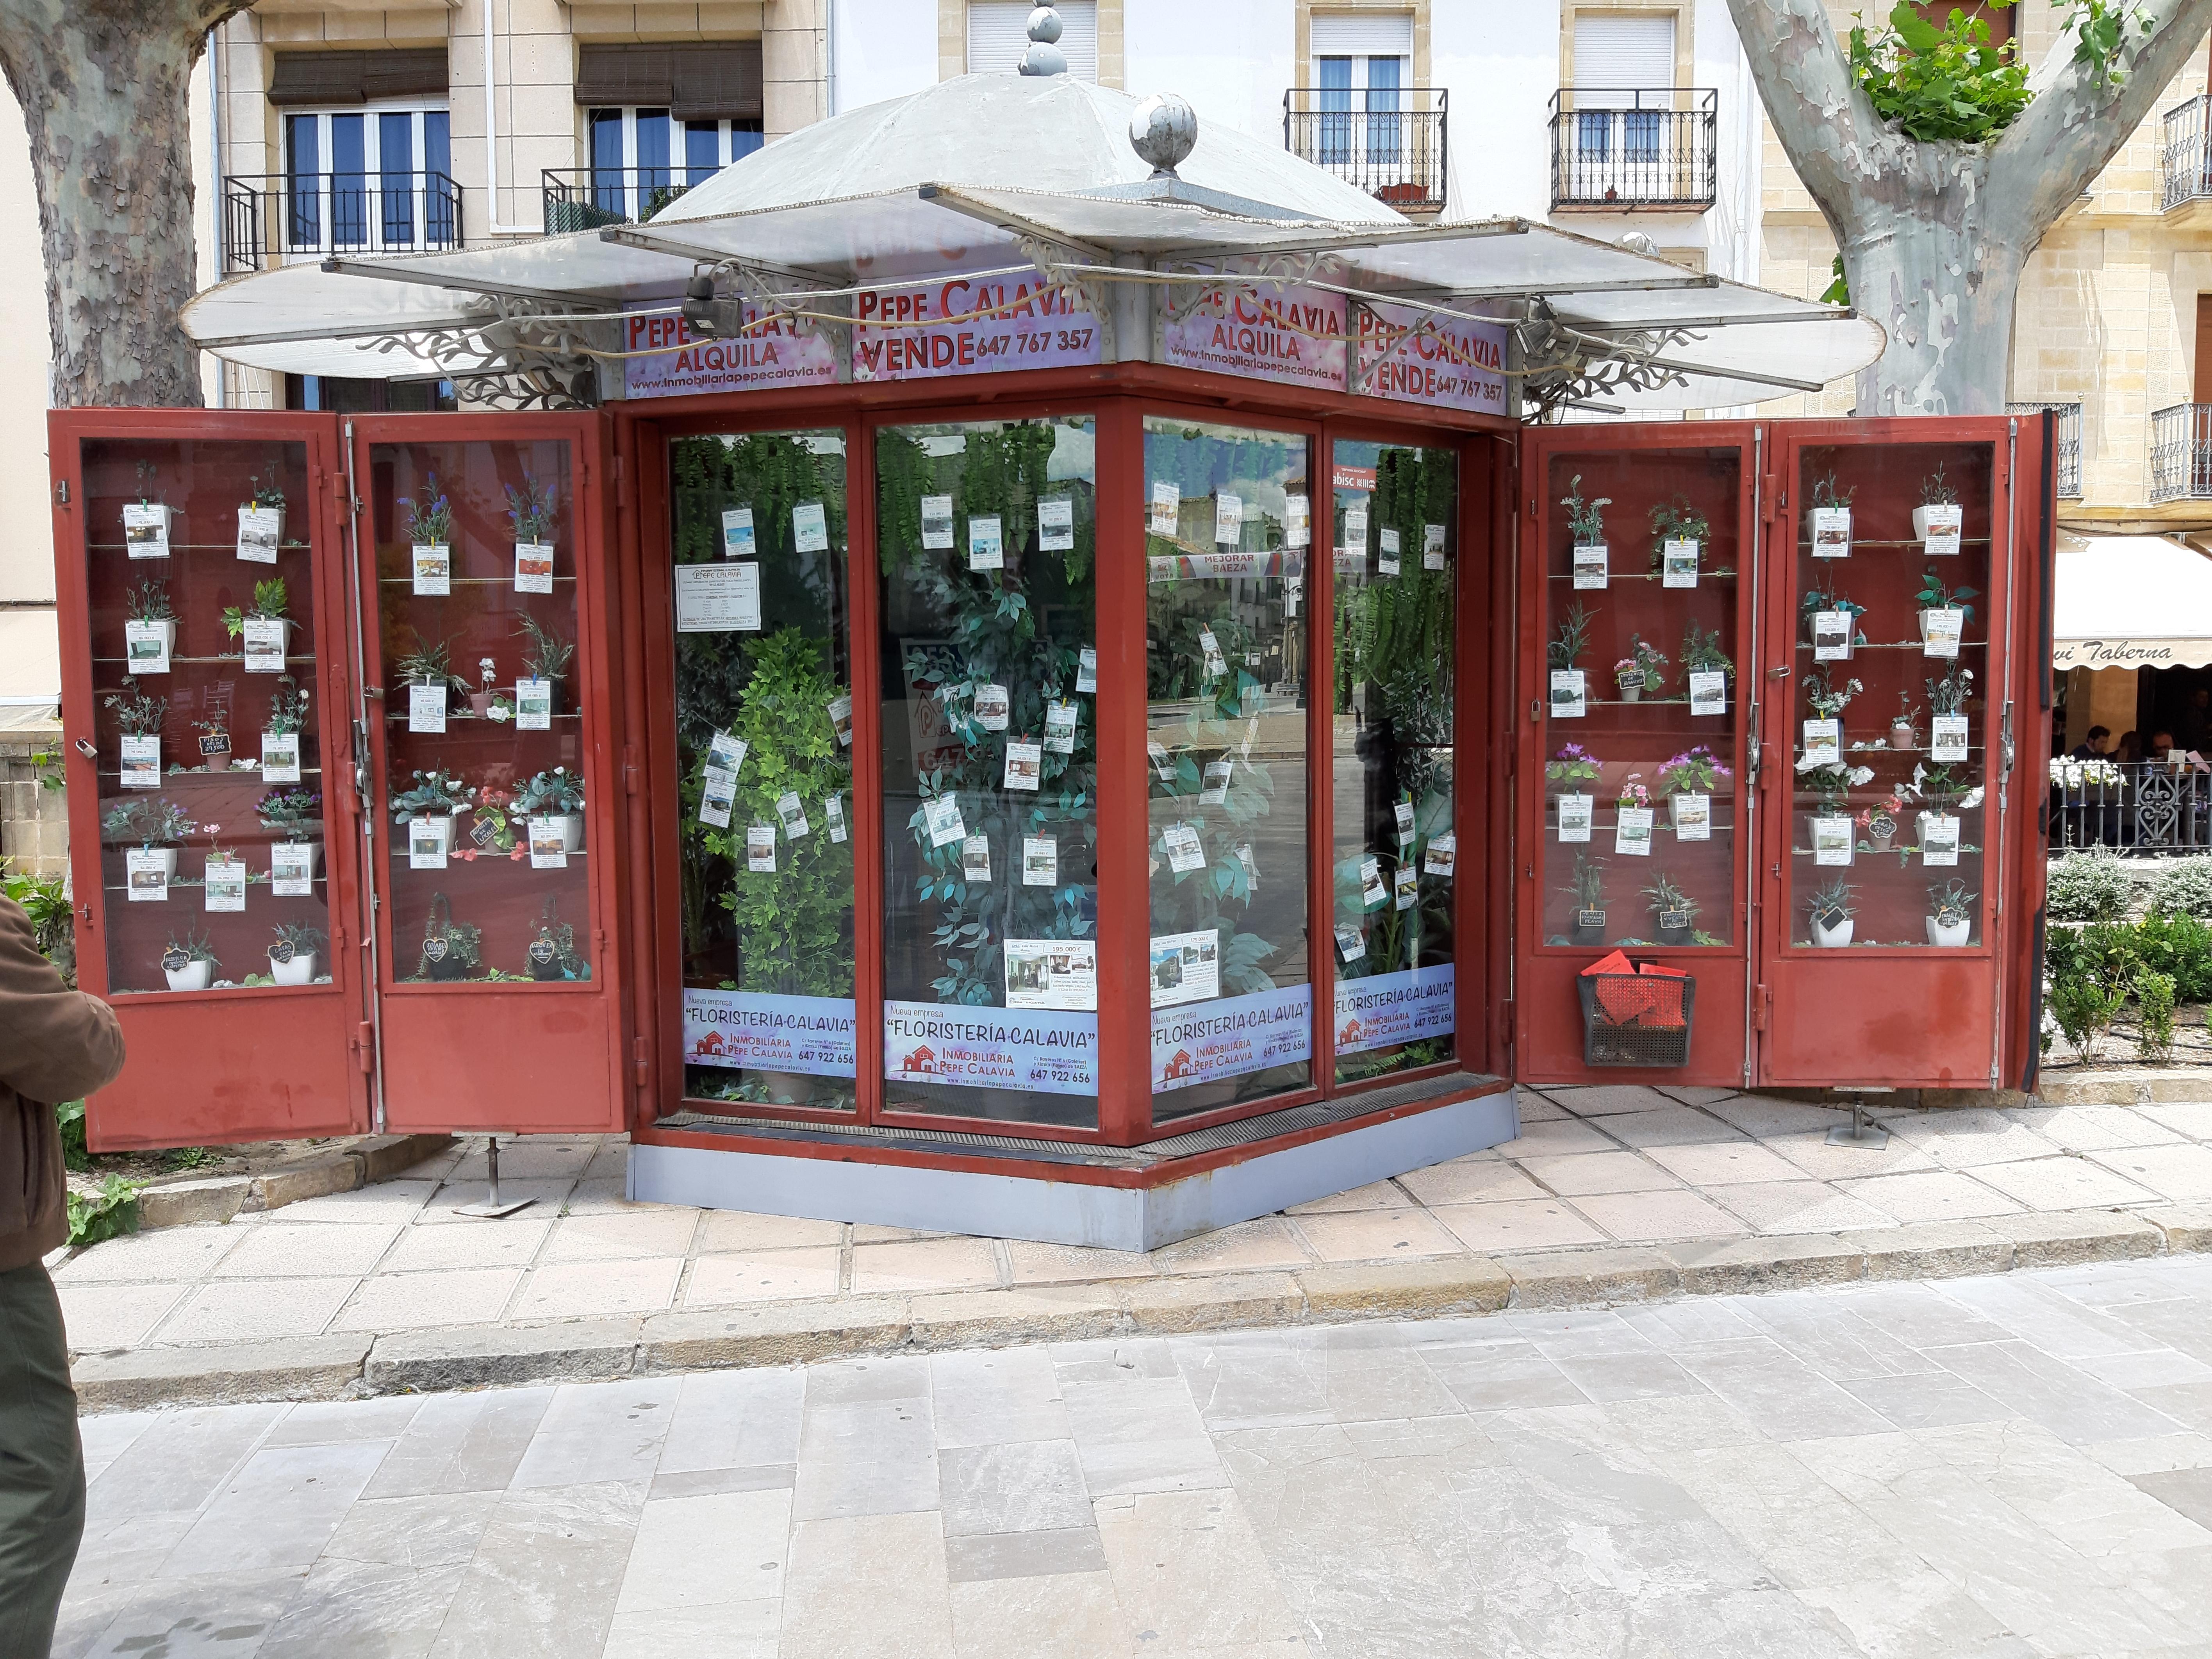 Baeza'da bir emlak ofisi